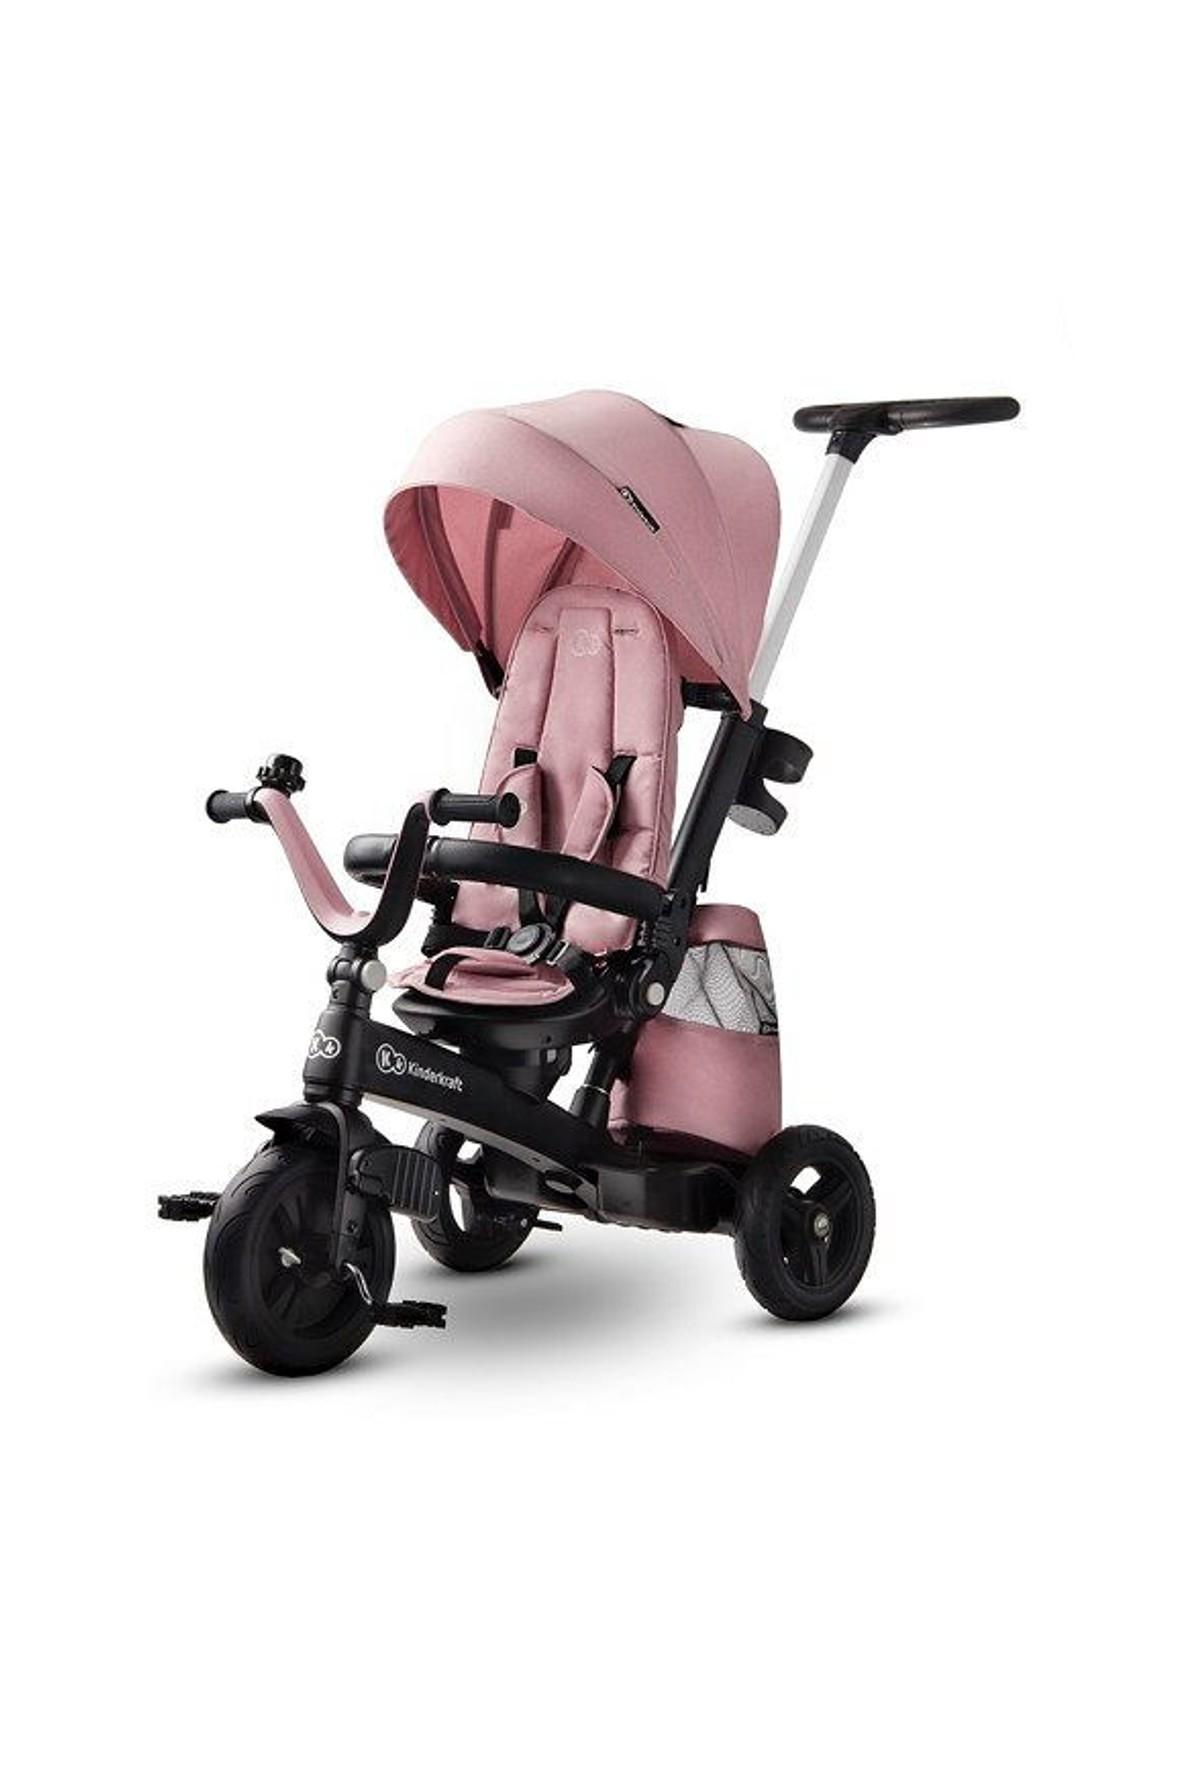 Rowerek trójkołowy- spacerówka Kinderkraft Easytwist Mauvelous pink